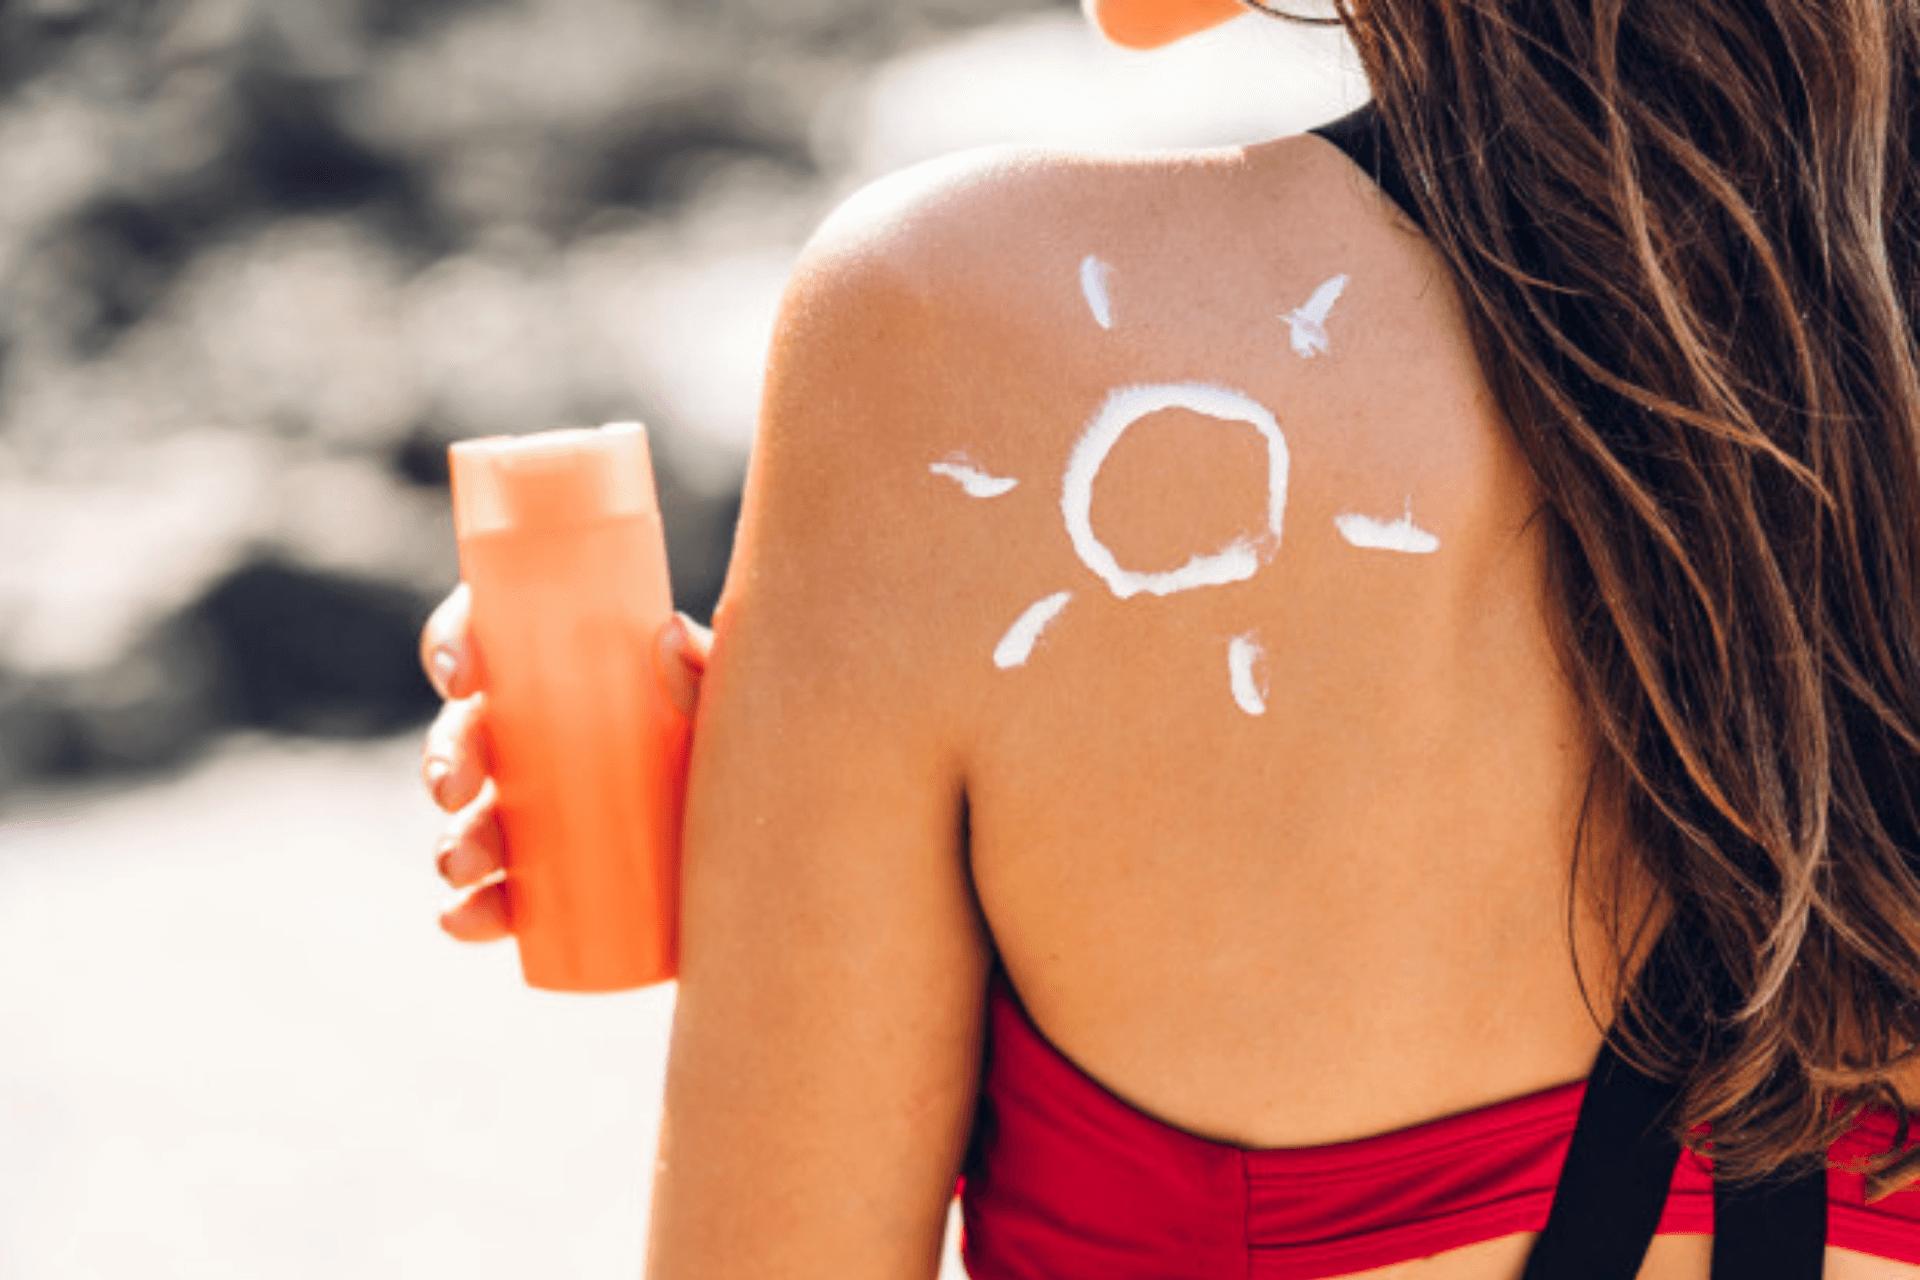 Fotoproteção Responsável: Dicas para o uso correto da proteção solar